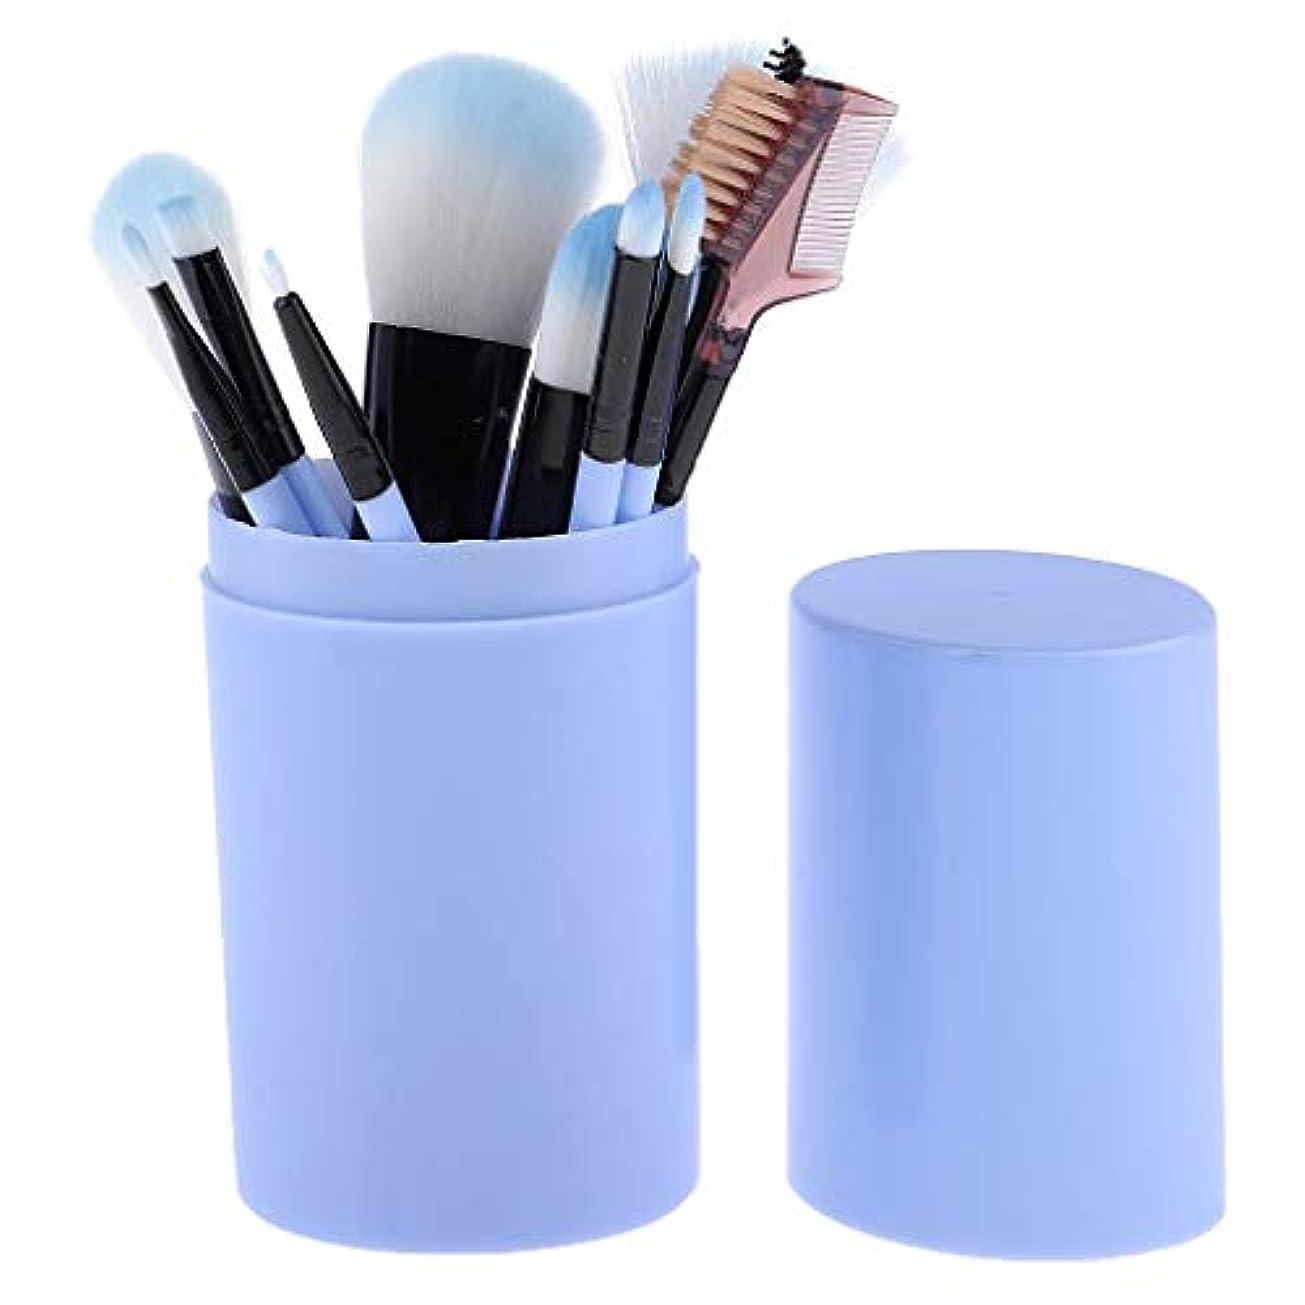 そこ叫ぶ価値Makeup brushes 青、スミアのようなリアルな、持ち運びに快適、収納バケット付き化粧ブラシセット付き12ピース高品質木製ハンドル化粧ブラシセット suits (Color : Blue)